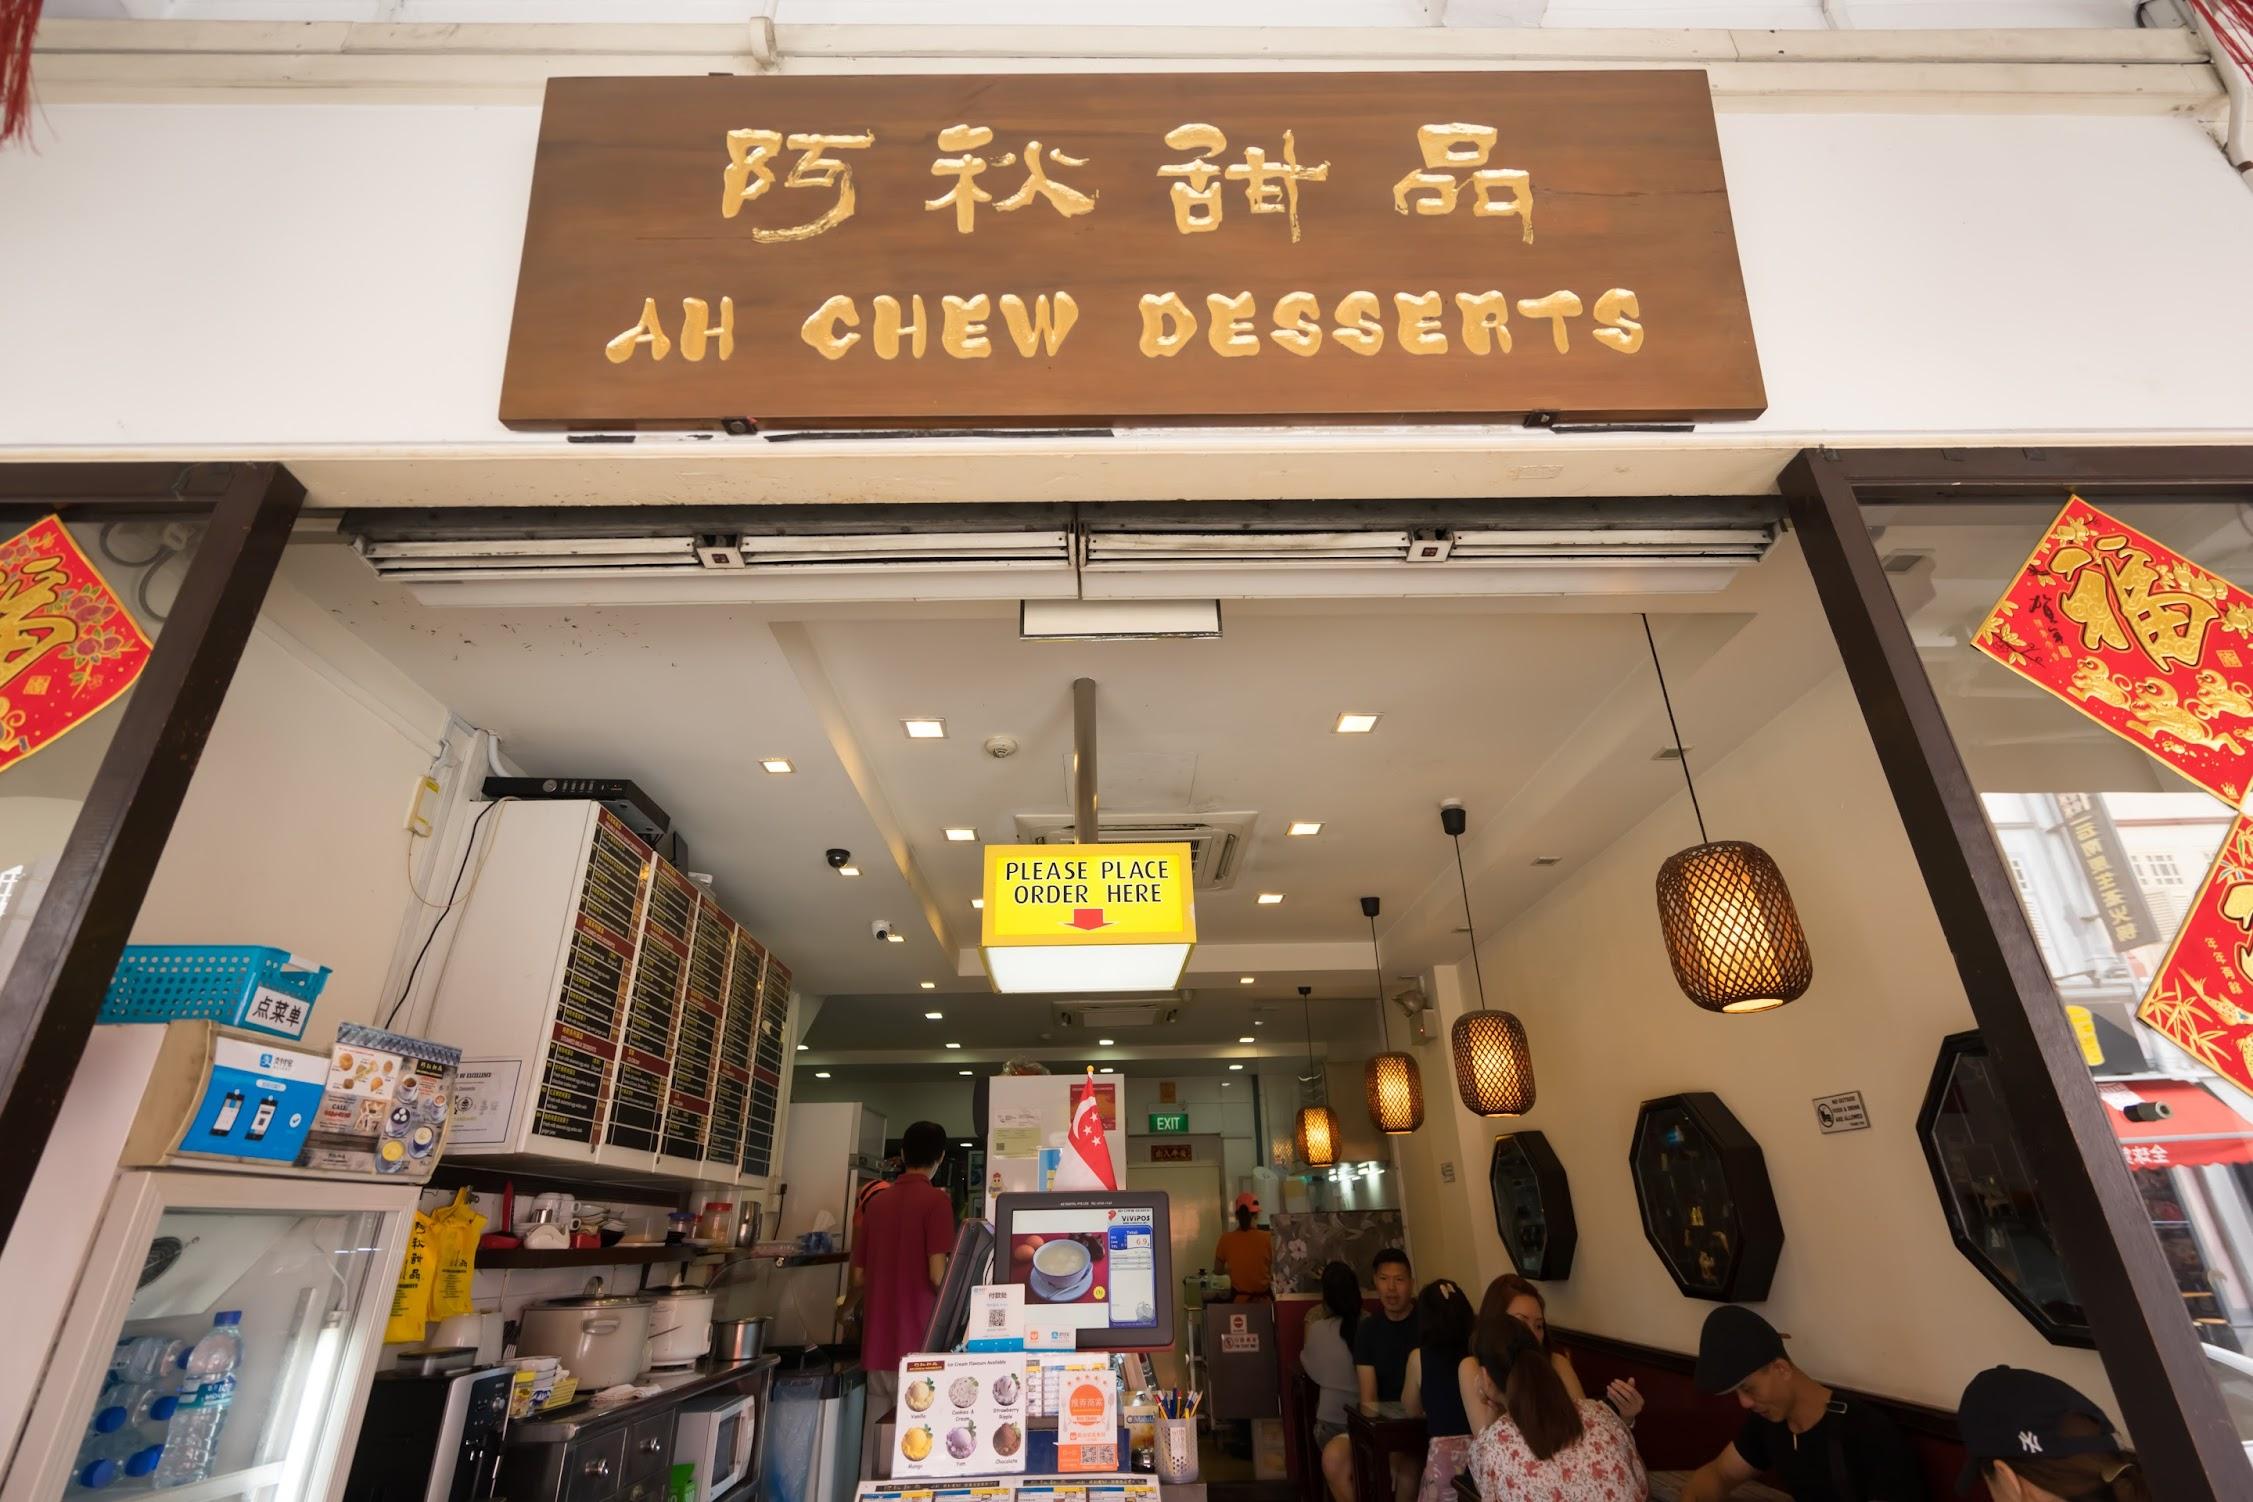 シンガポール 阿秋甜品 Ah Chew Desserts